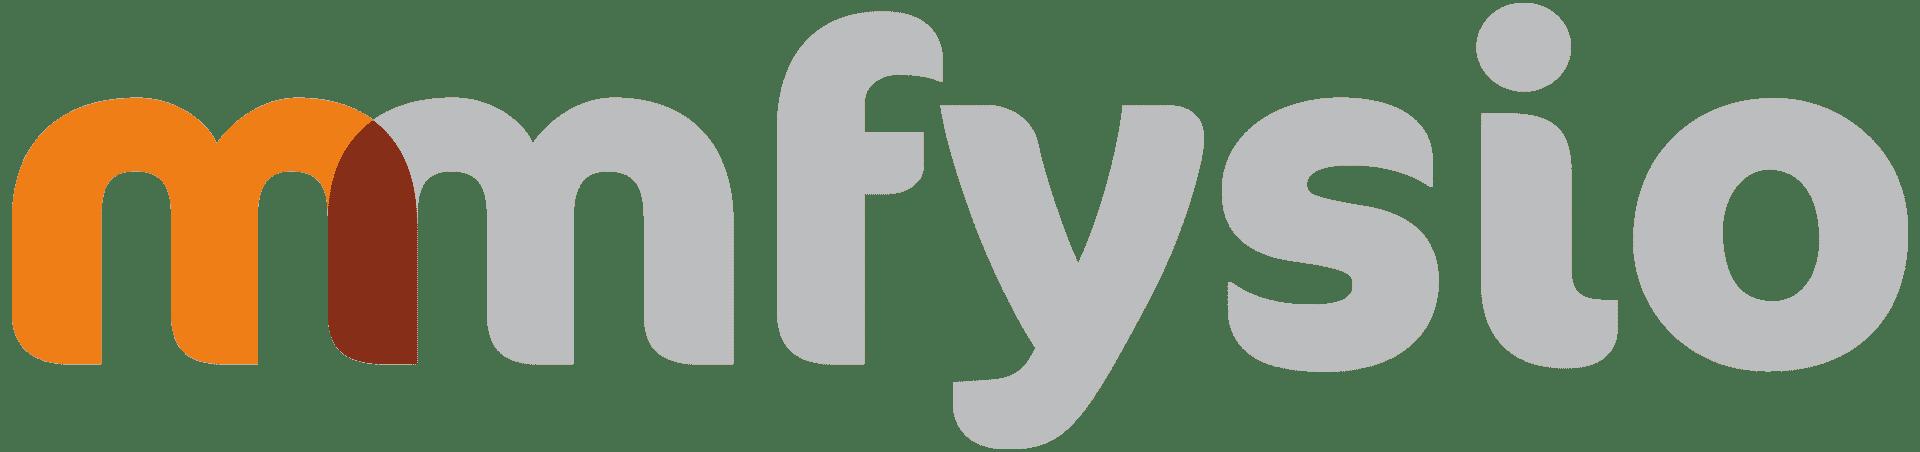 Samenwerking Yogahart Nijmegen en MMfysio Yogahart Nijmegen